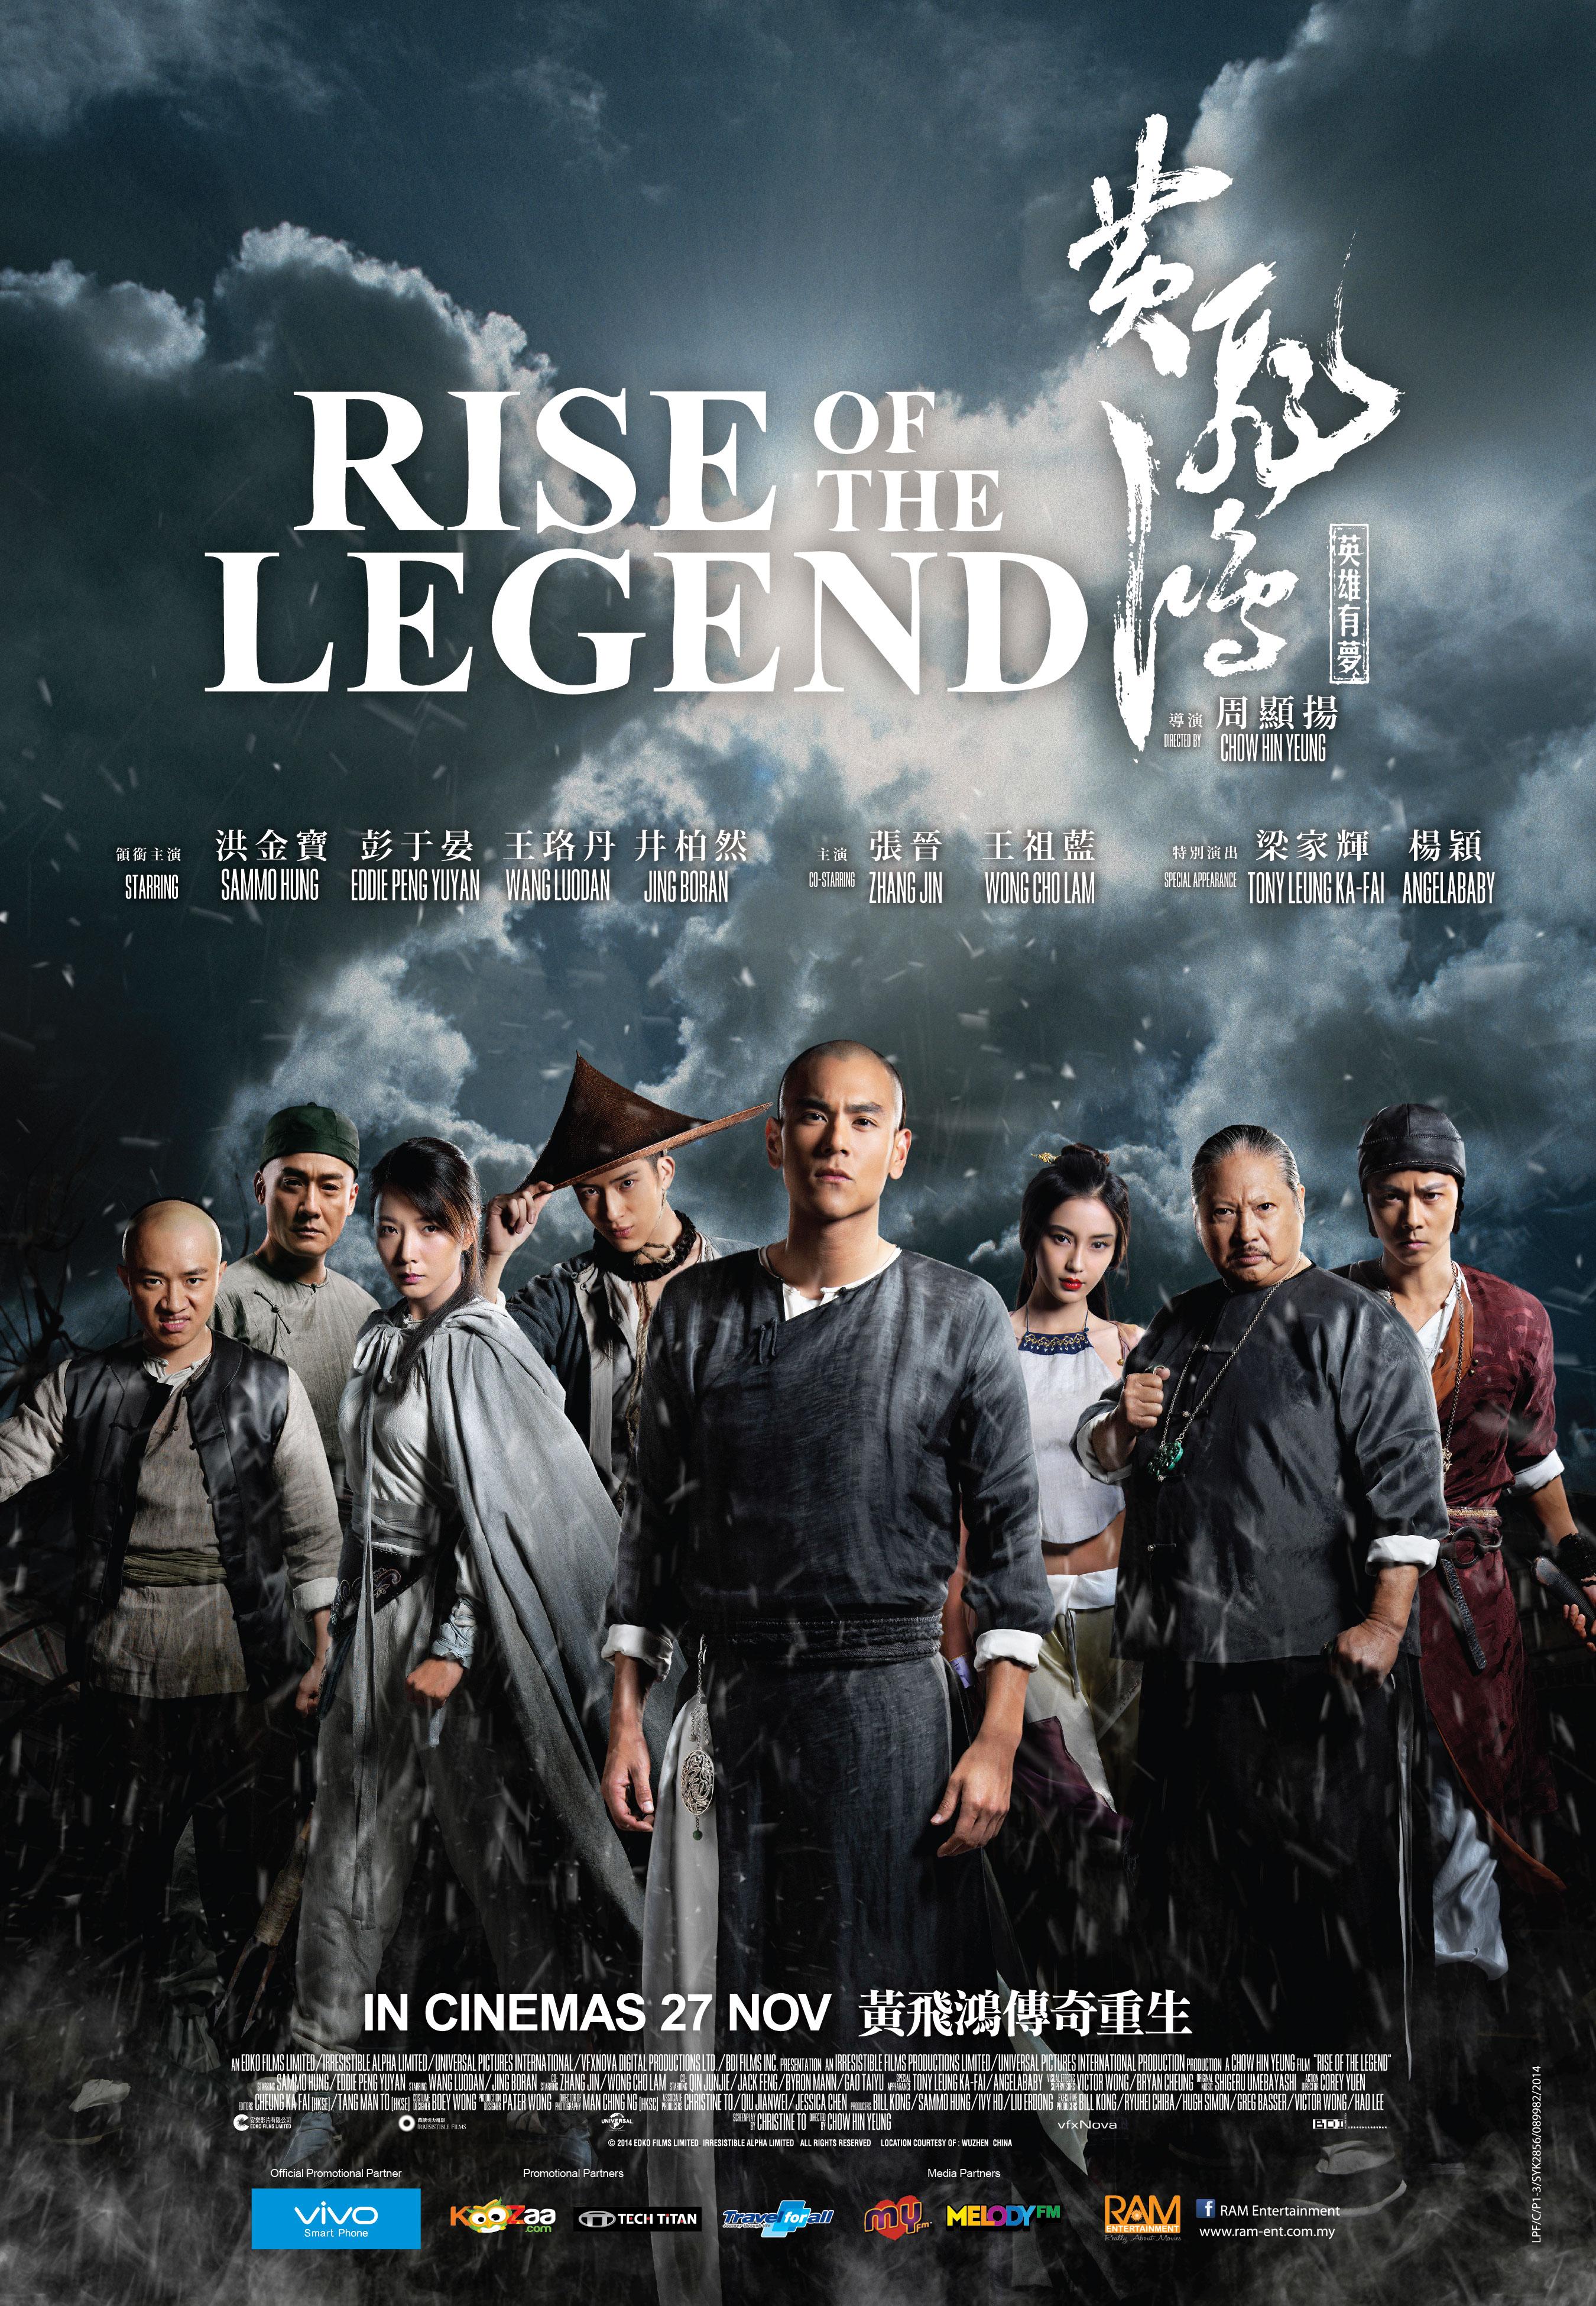 Rise Of The Legend <br/> 黃飛鴻之英雄有夢 <br/> 27 November 2014